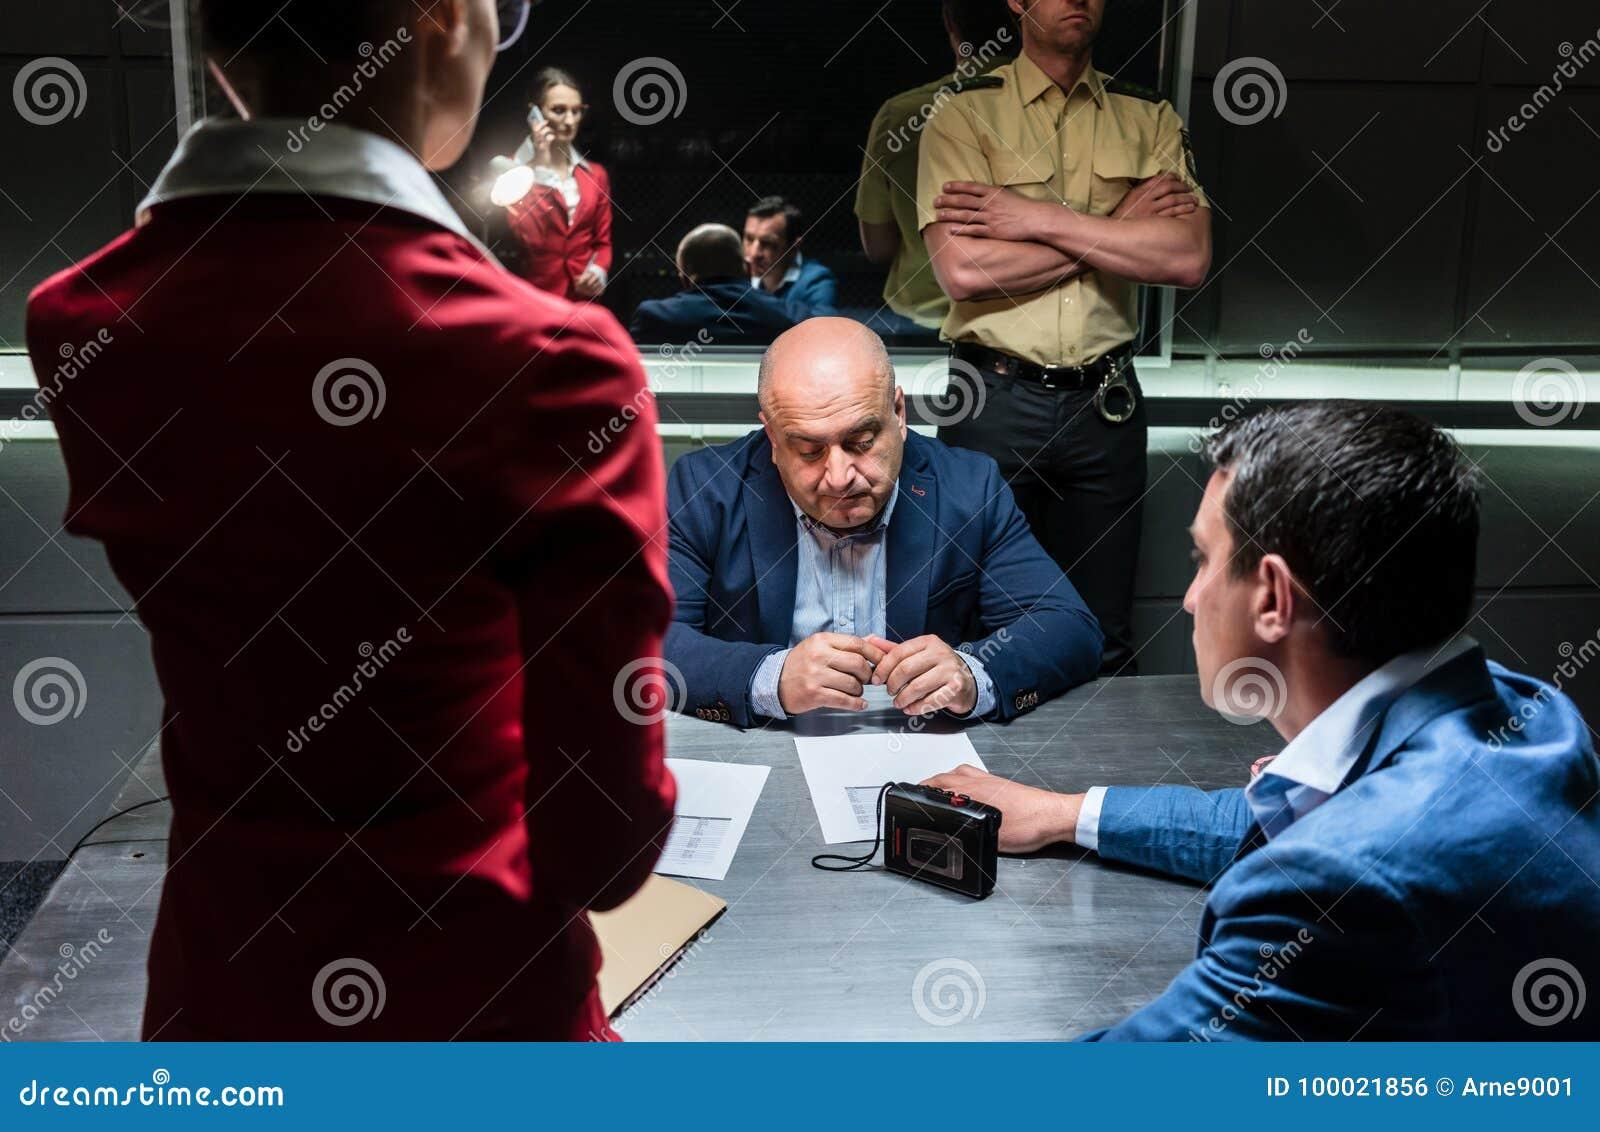 Μέσης ηλικίας άτομο που σκέφτεται για τη δήλωσή του και το εγκληματικό CH